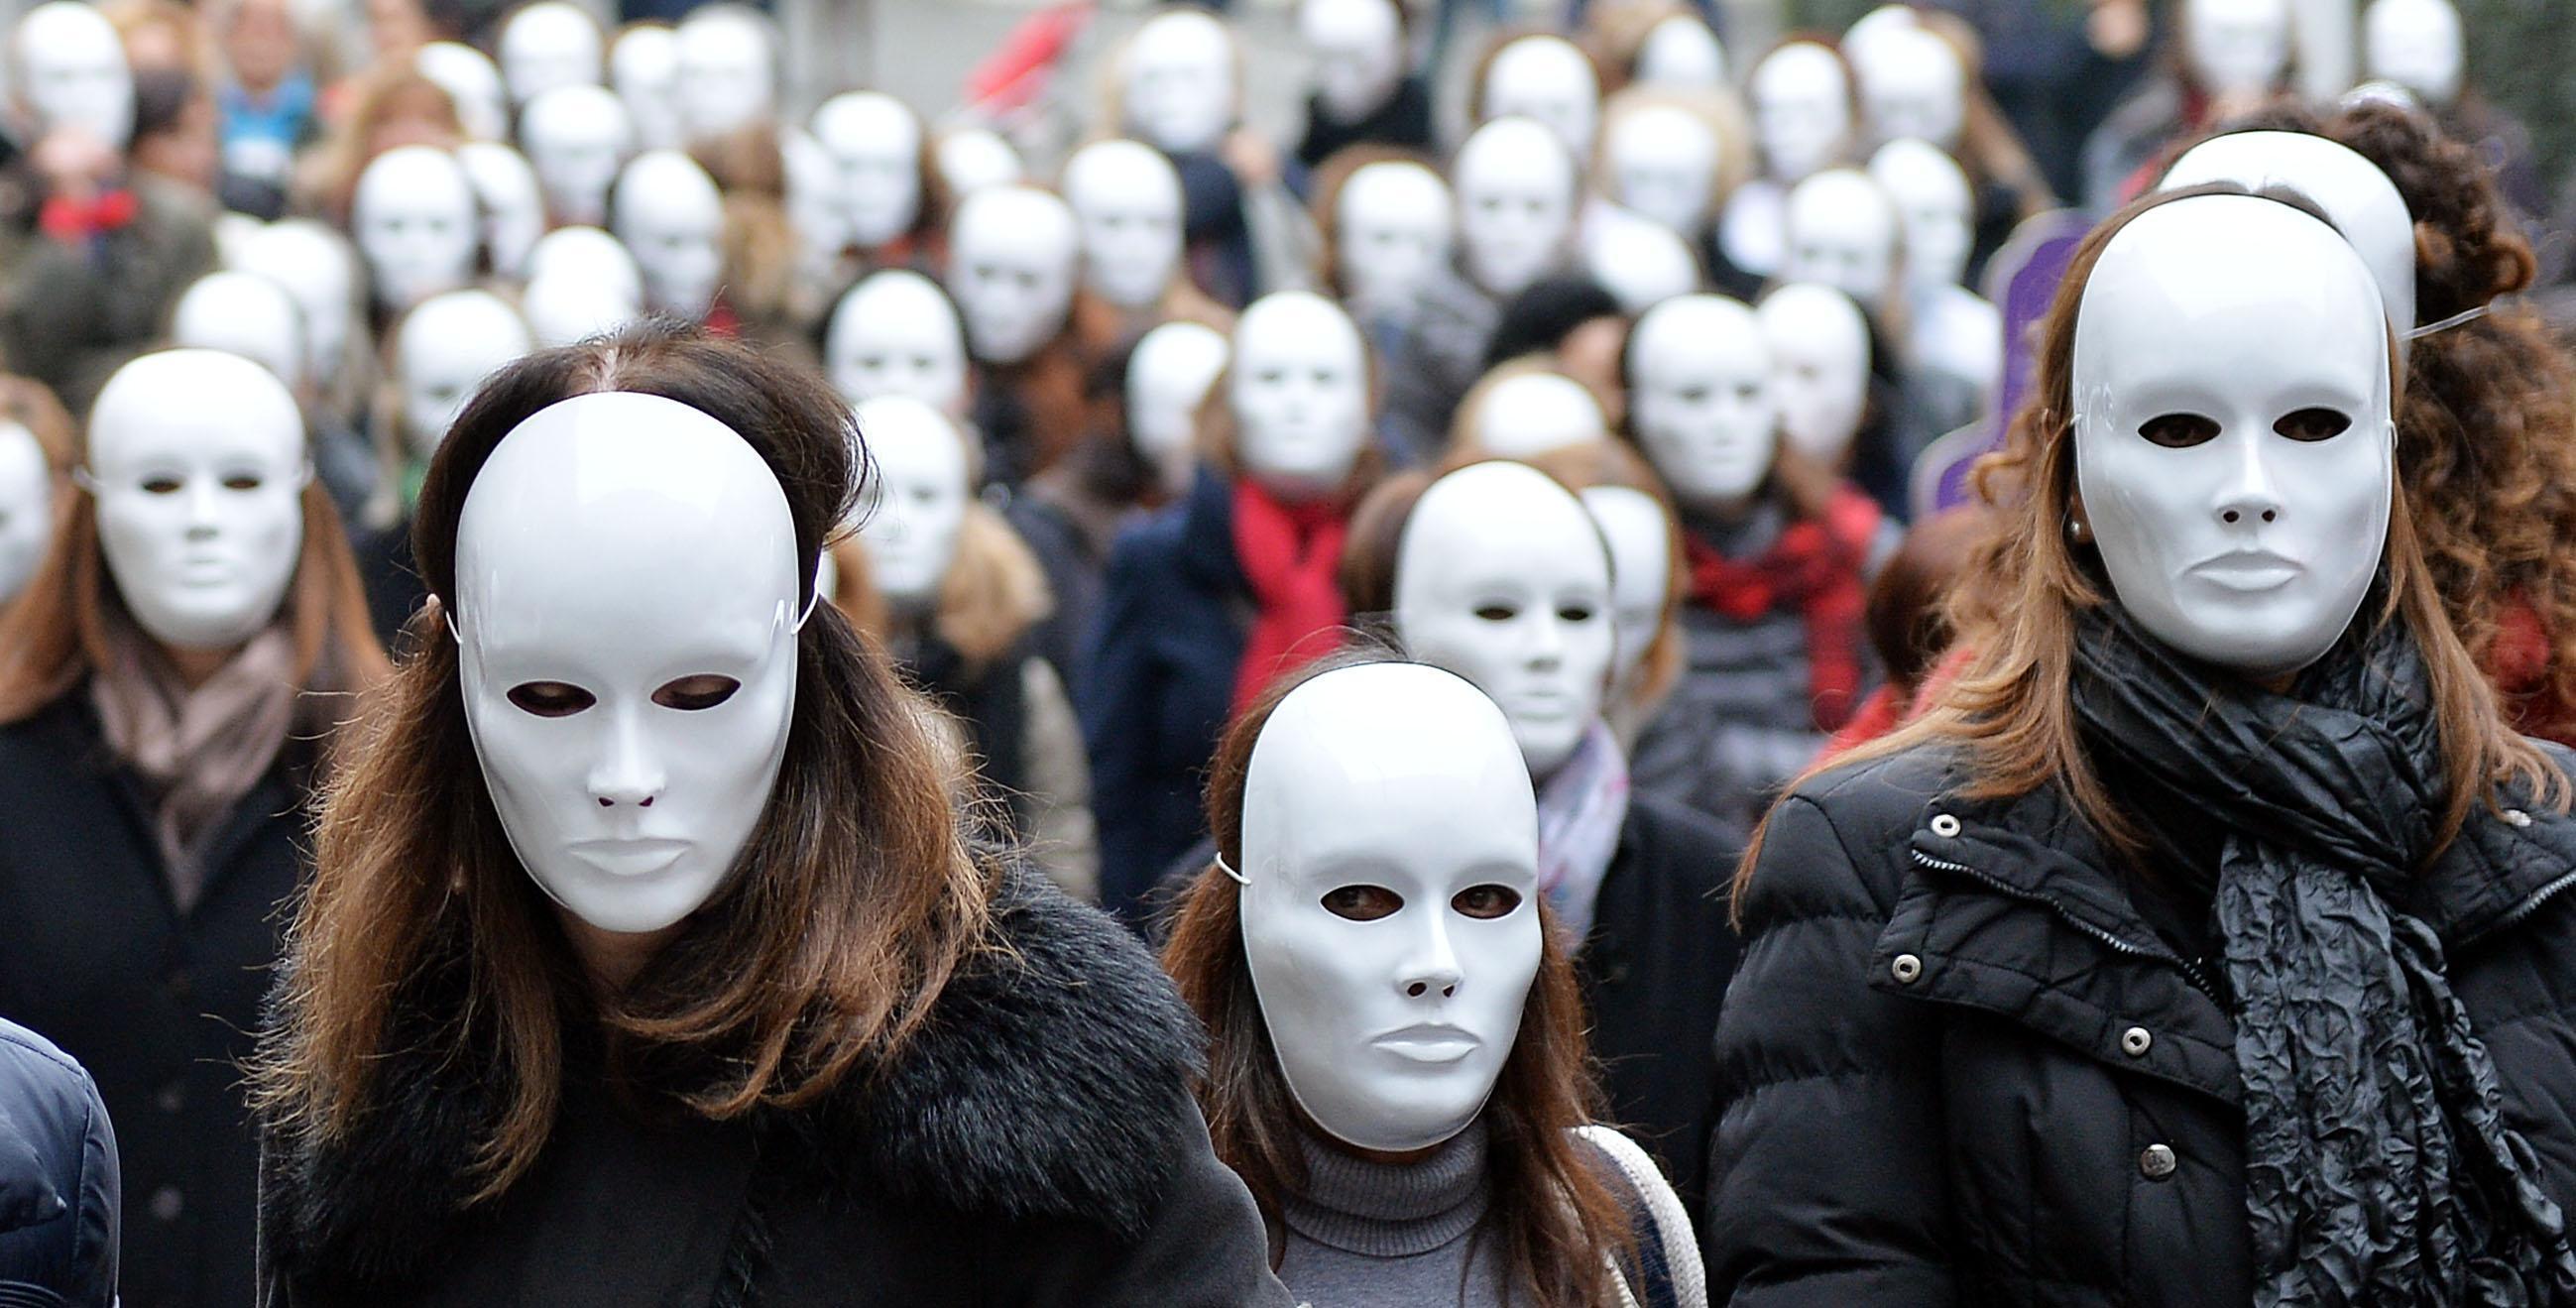 #PerUnaGiustaCasa: Ikea Italia e Telefono Donna contro la violenza domestica